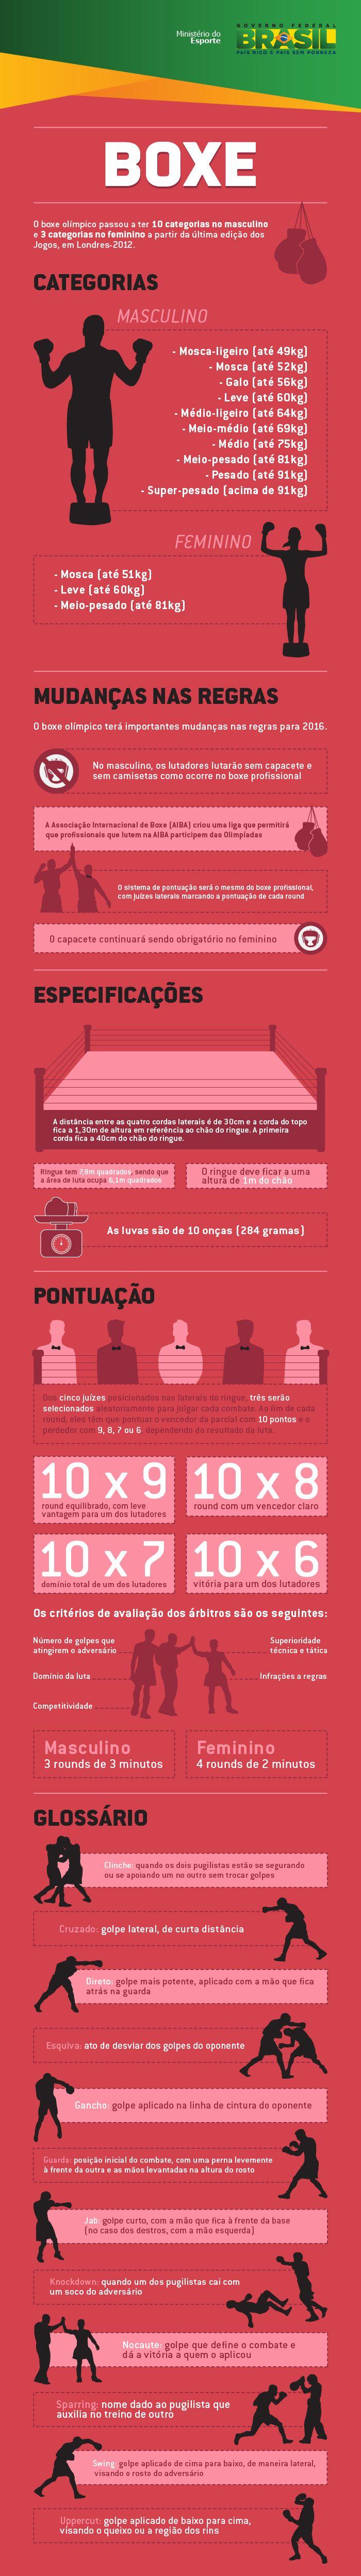 infografico_boxe-01.png